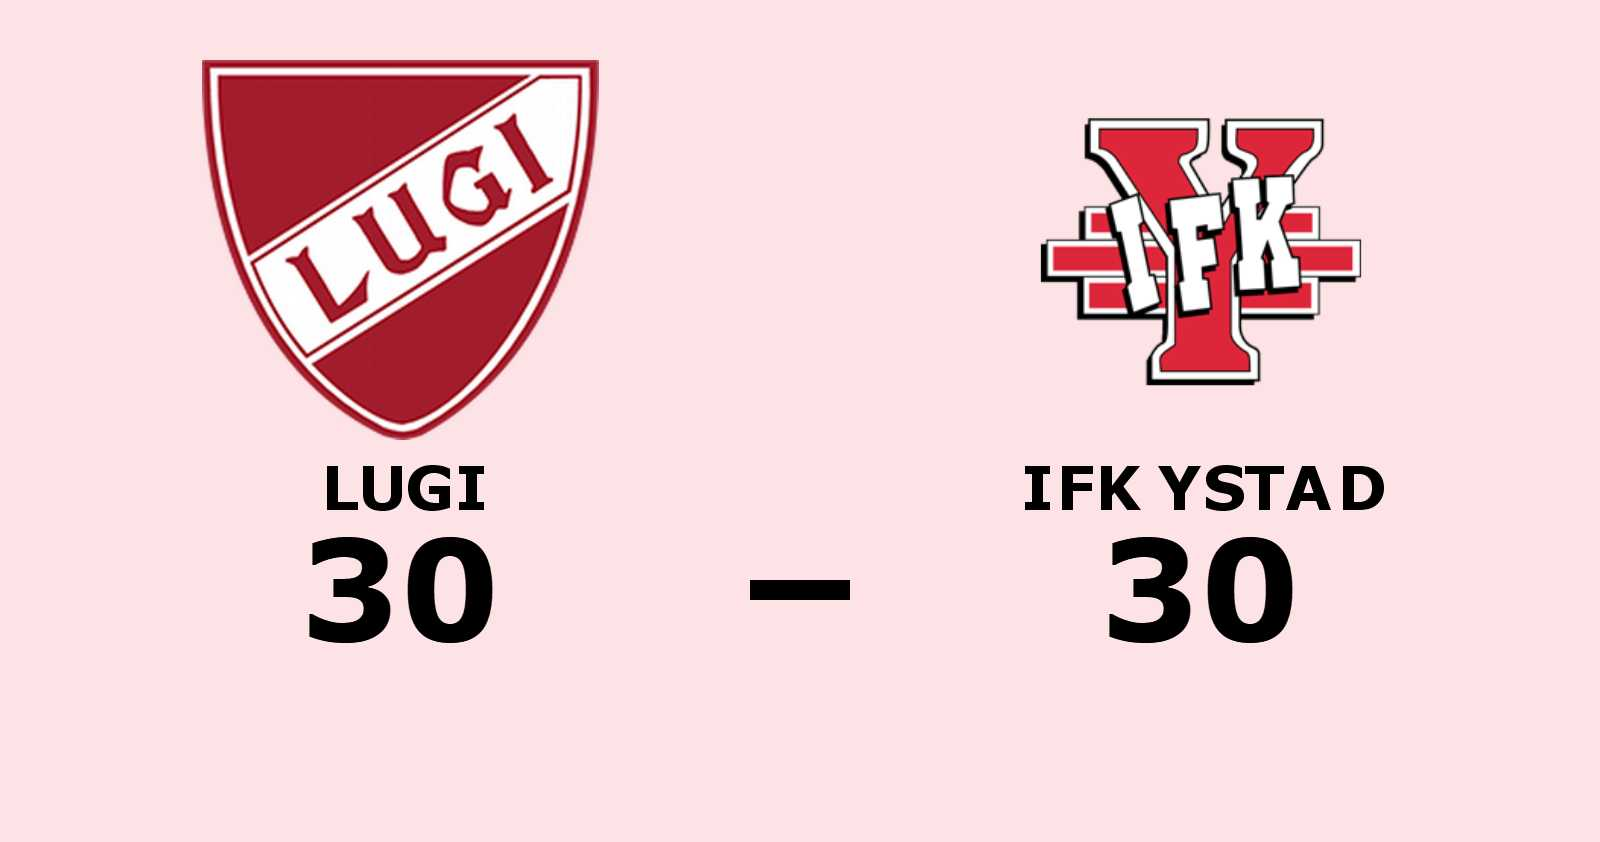 Lugi hämtade i kapp underläge och kryssade mot IFK Ystad